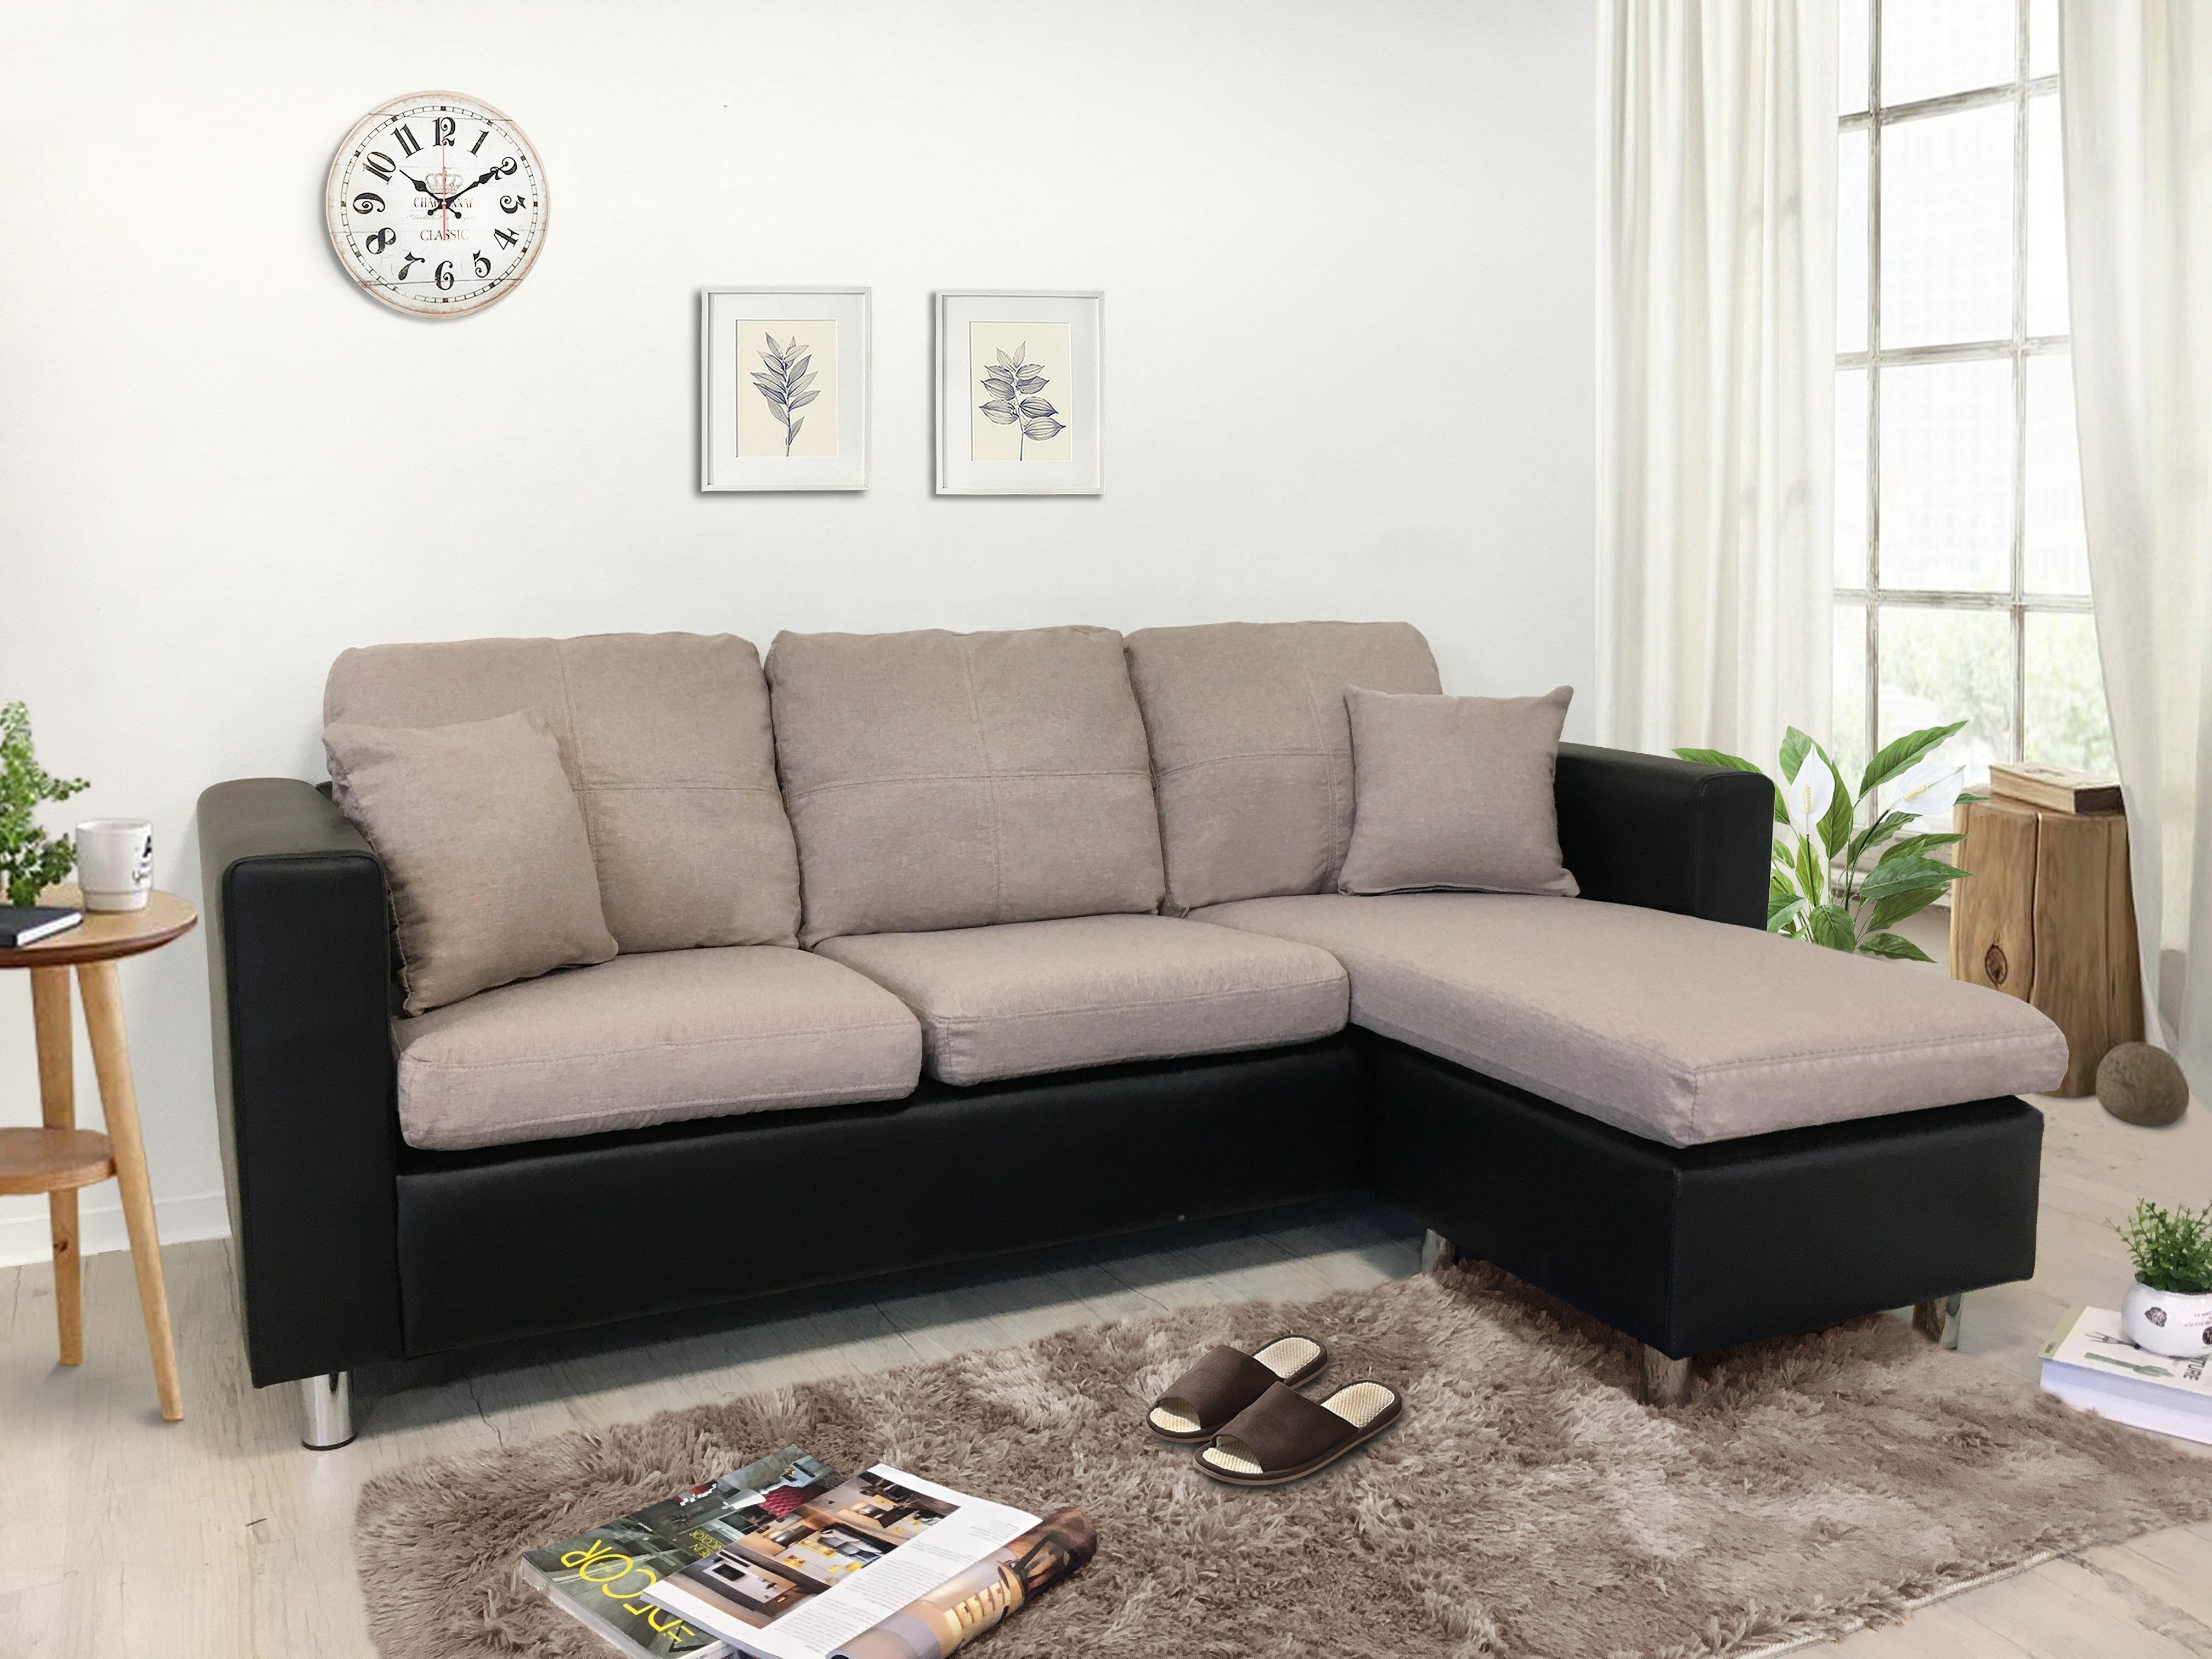 !新生活家具! 卡其 黑色 布沙發 皮沙發 可拆洗 L型沙發 三人位沙發 腳椅 三色《范特西》非 H&D ikea 宜家 套房